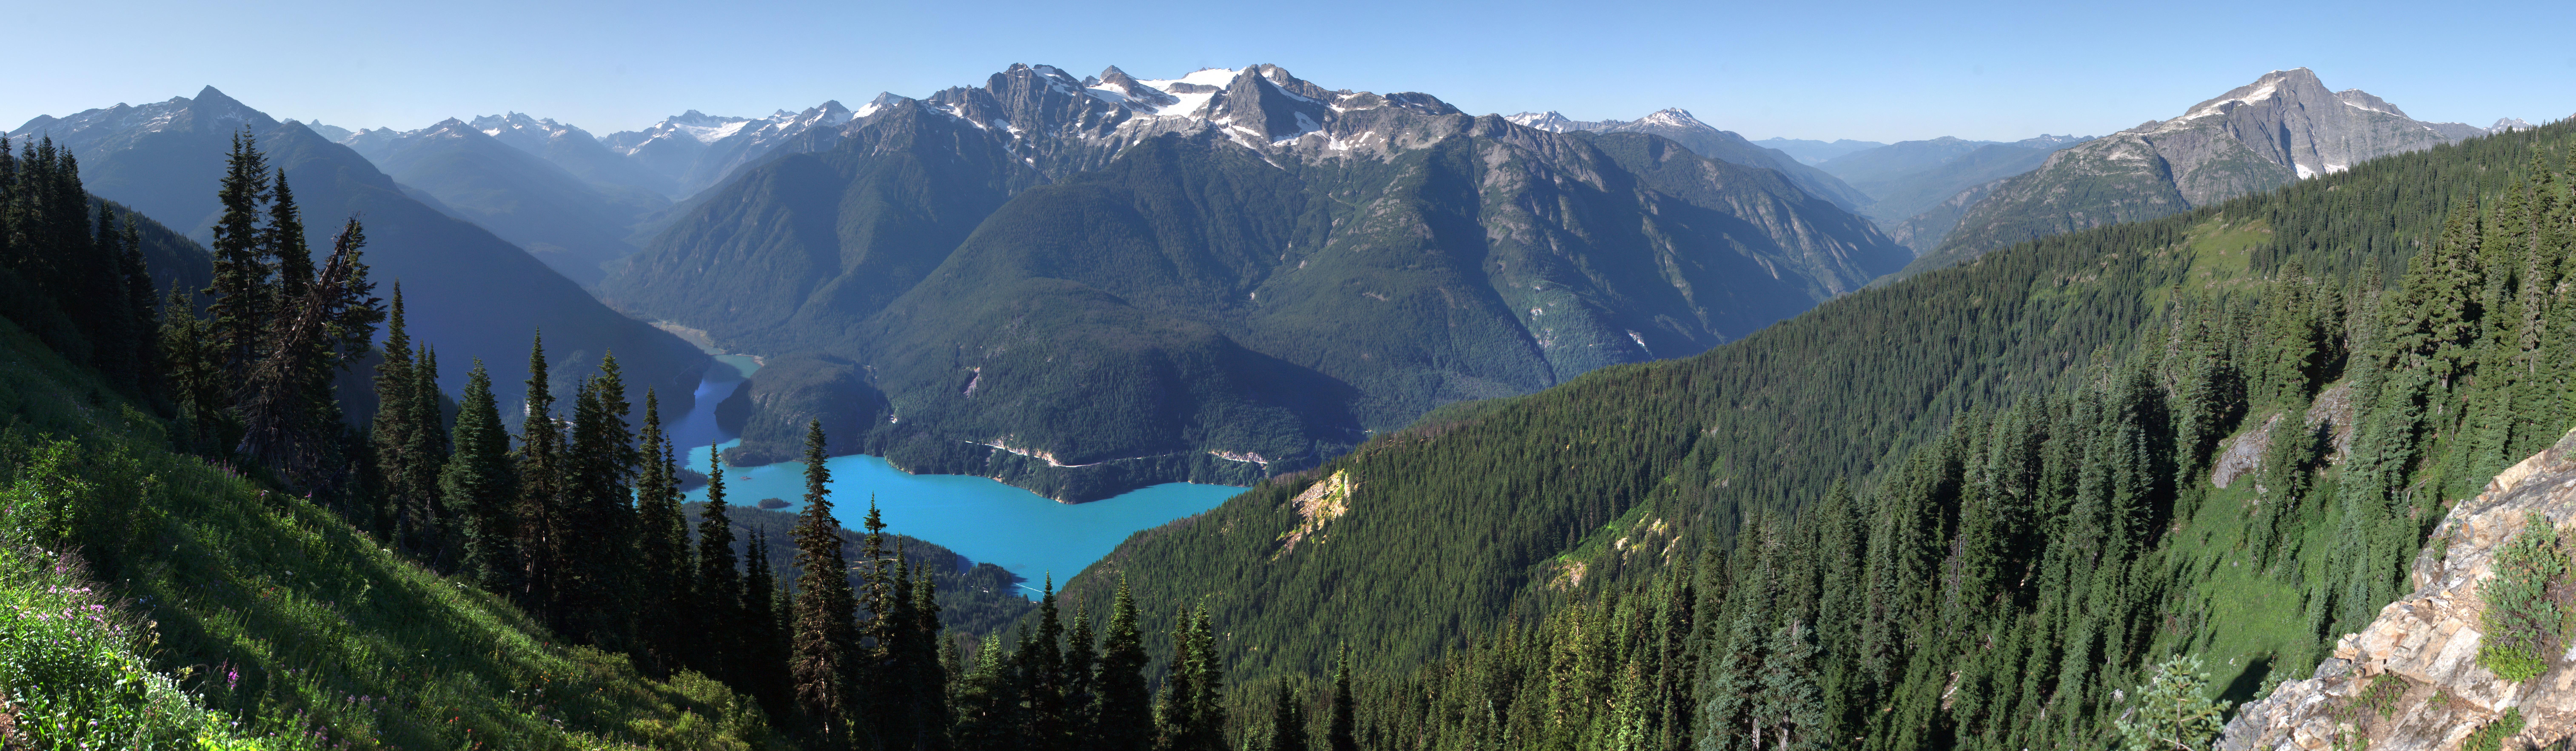 North Cascades National Park logo